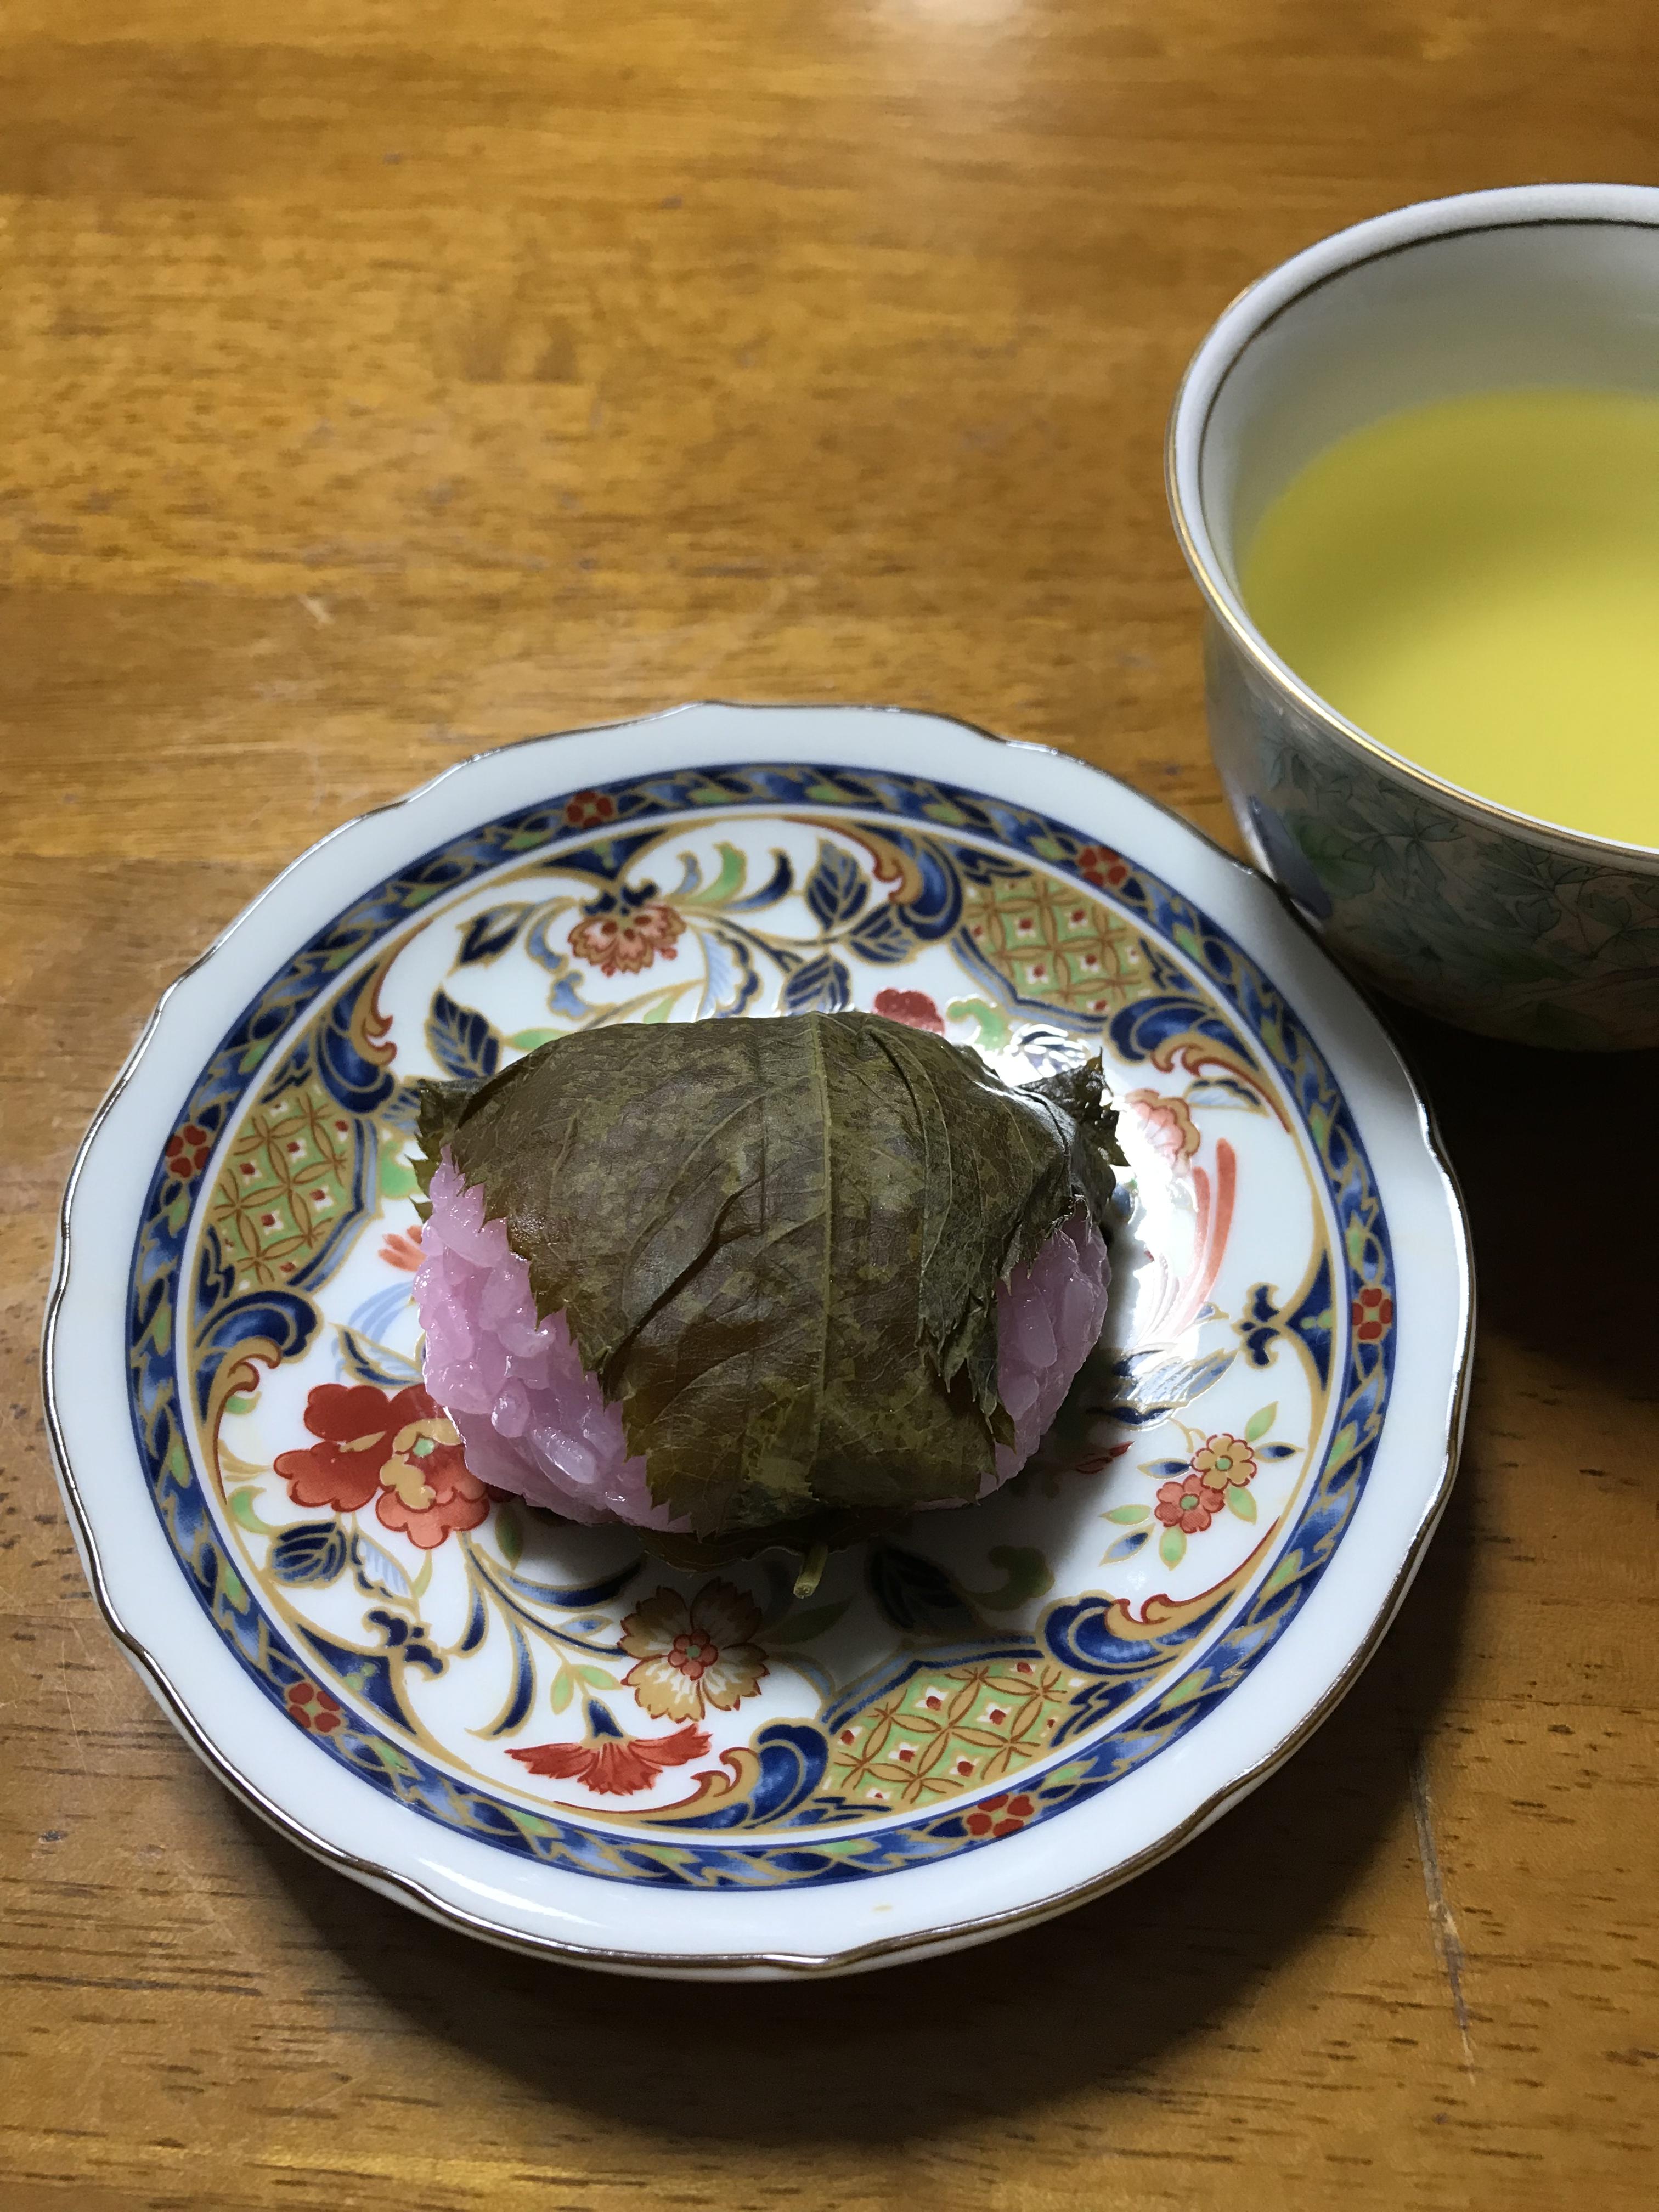 うれしいことがあったので和菓子を食べた!